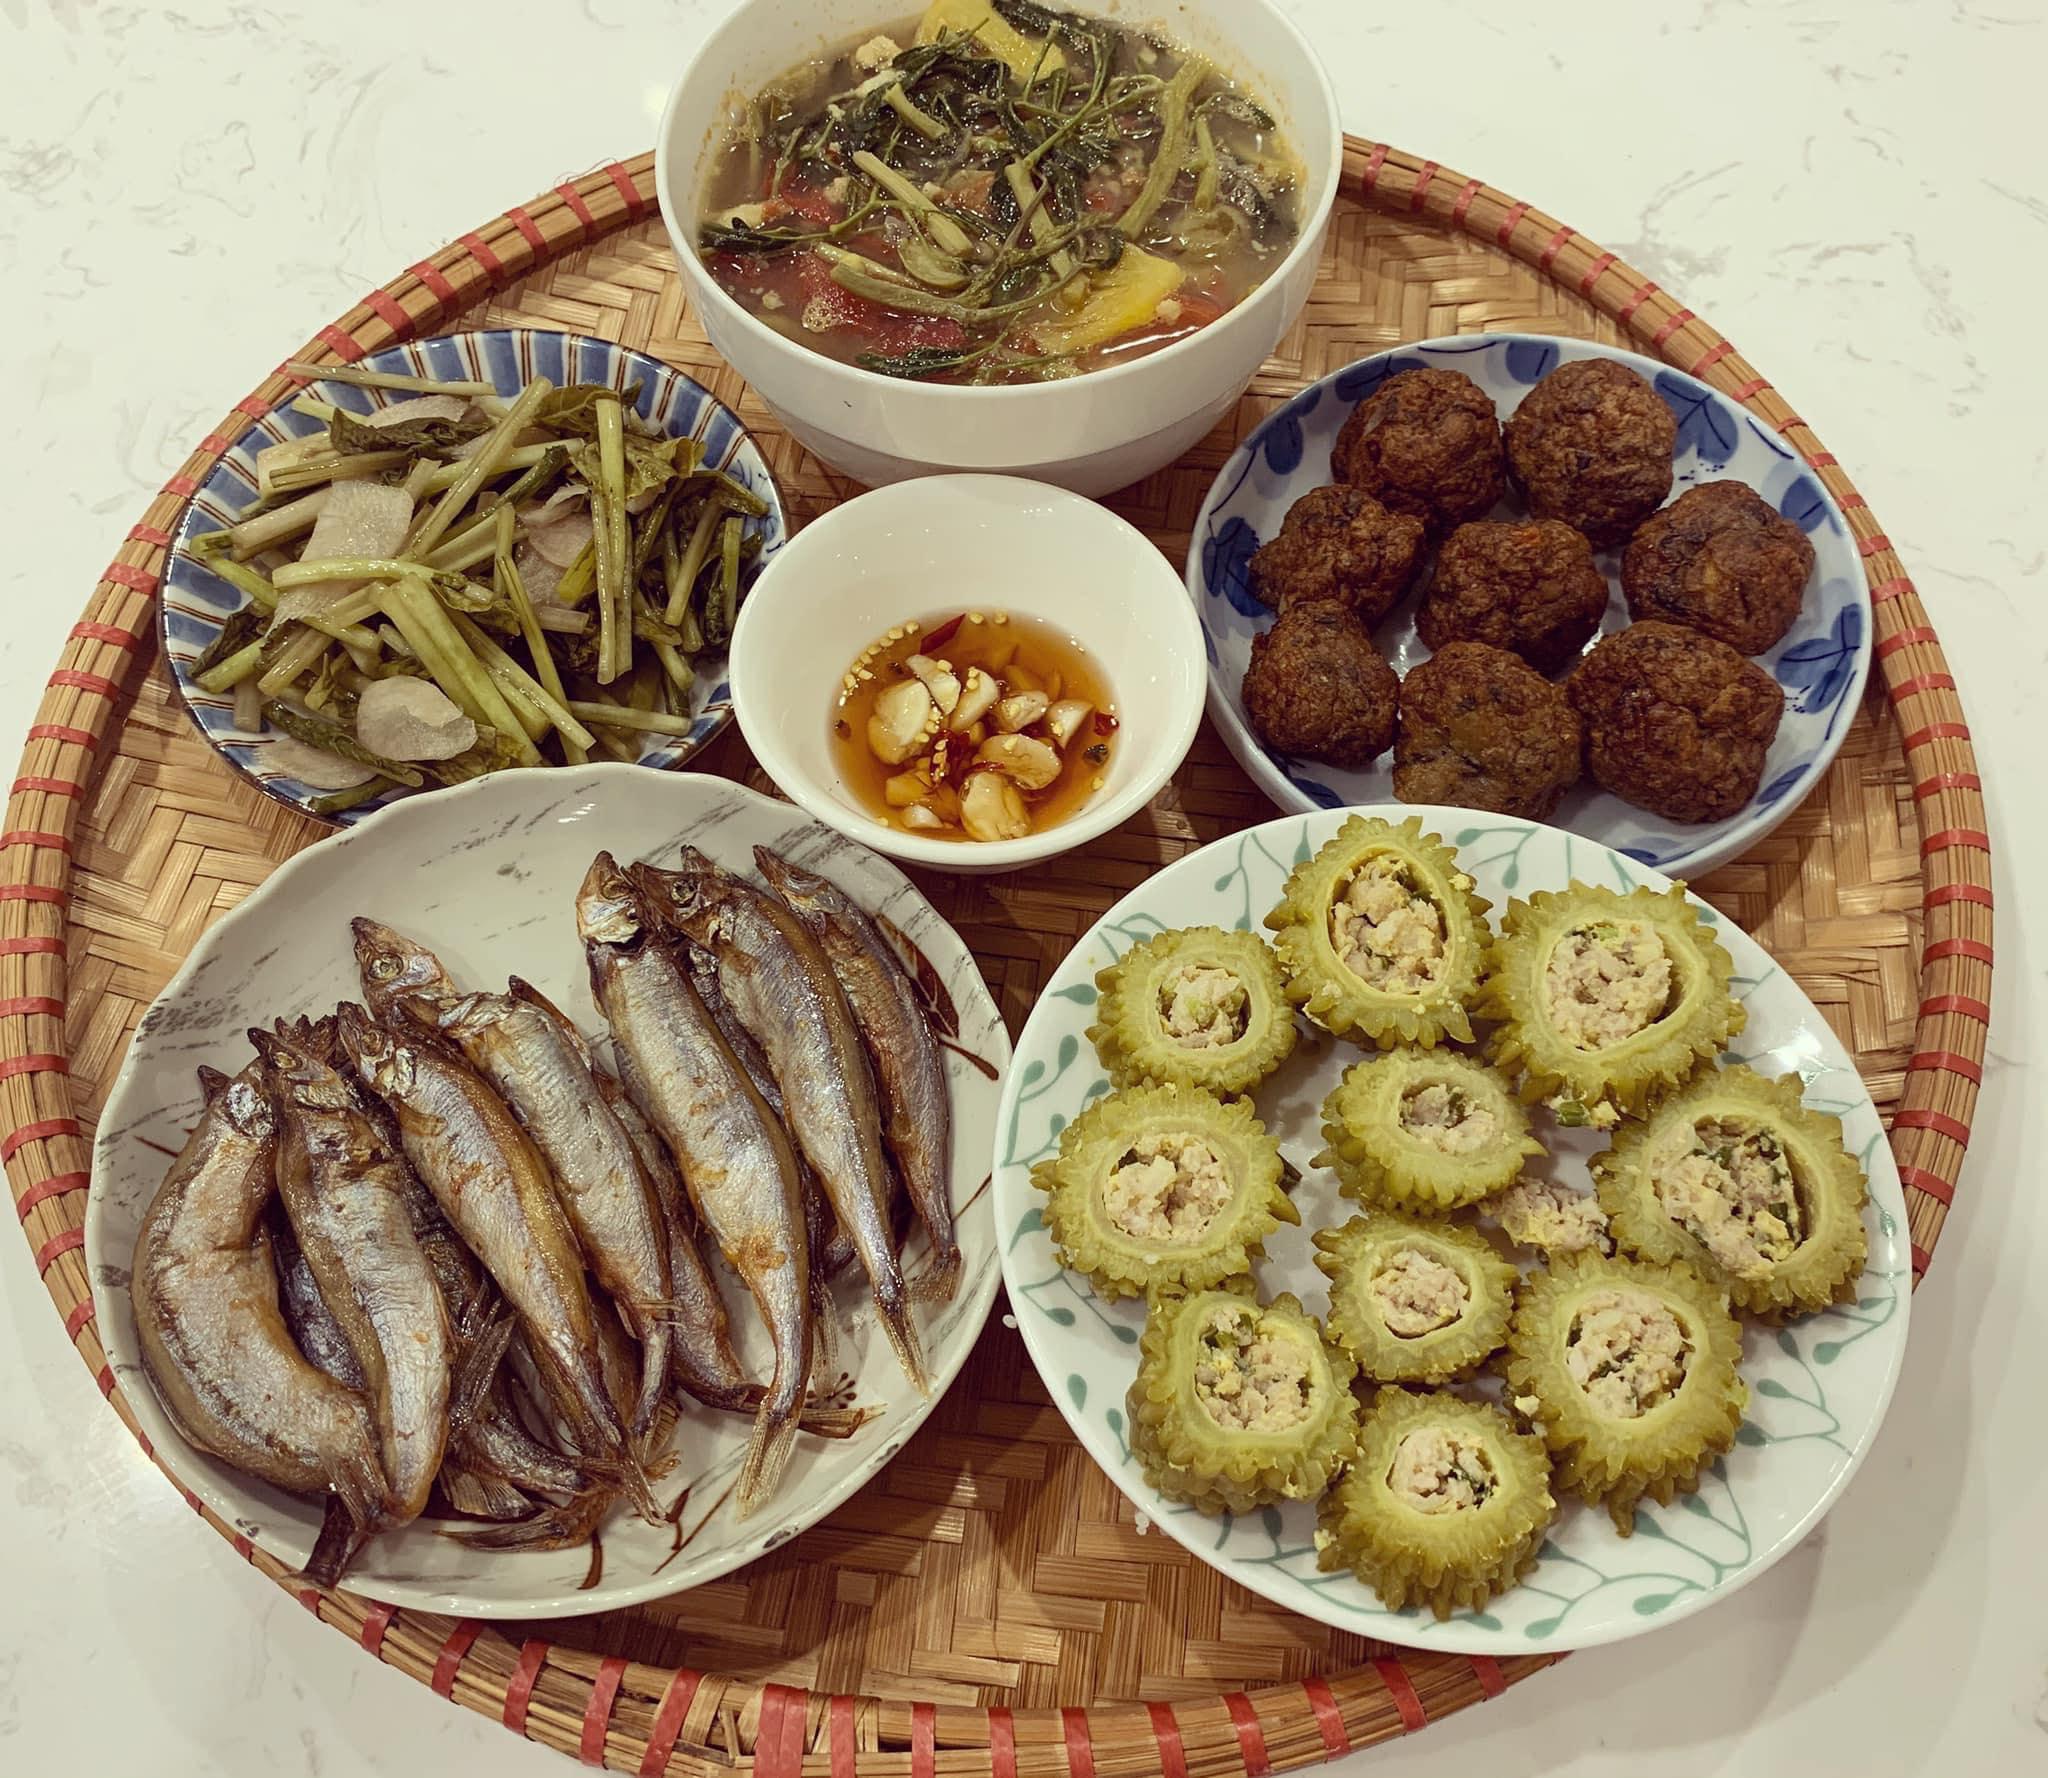 Chi phí chỉ từ 100k nhưng mỗi bữa cơm của bà nội trợ Hà Nội đều tươm tất đủ món thơm ngon, bổ dưỡng cho mọi thành viên gia đình - Ảnh 2.